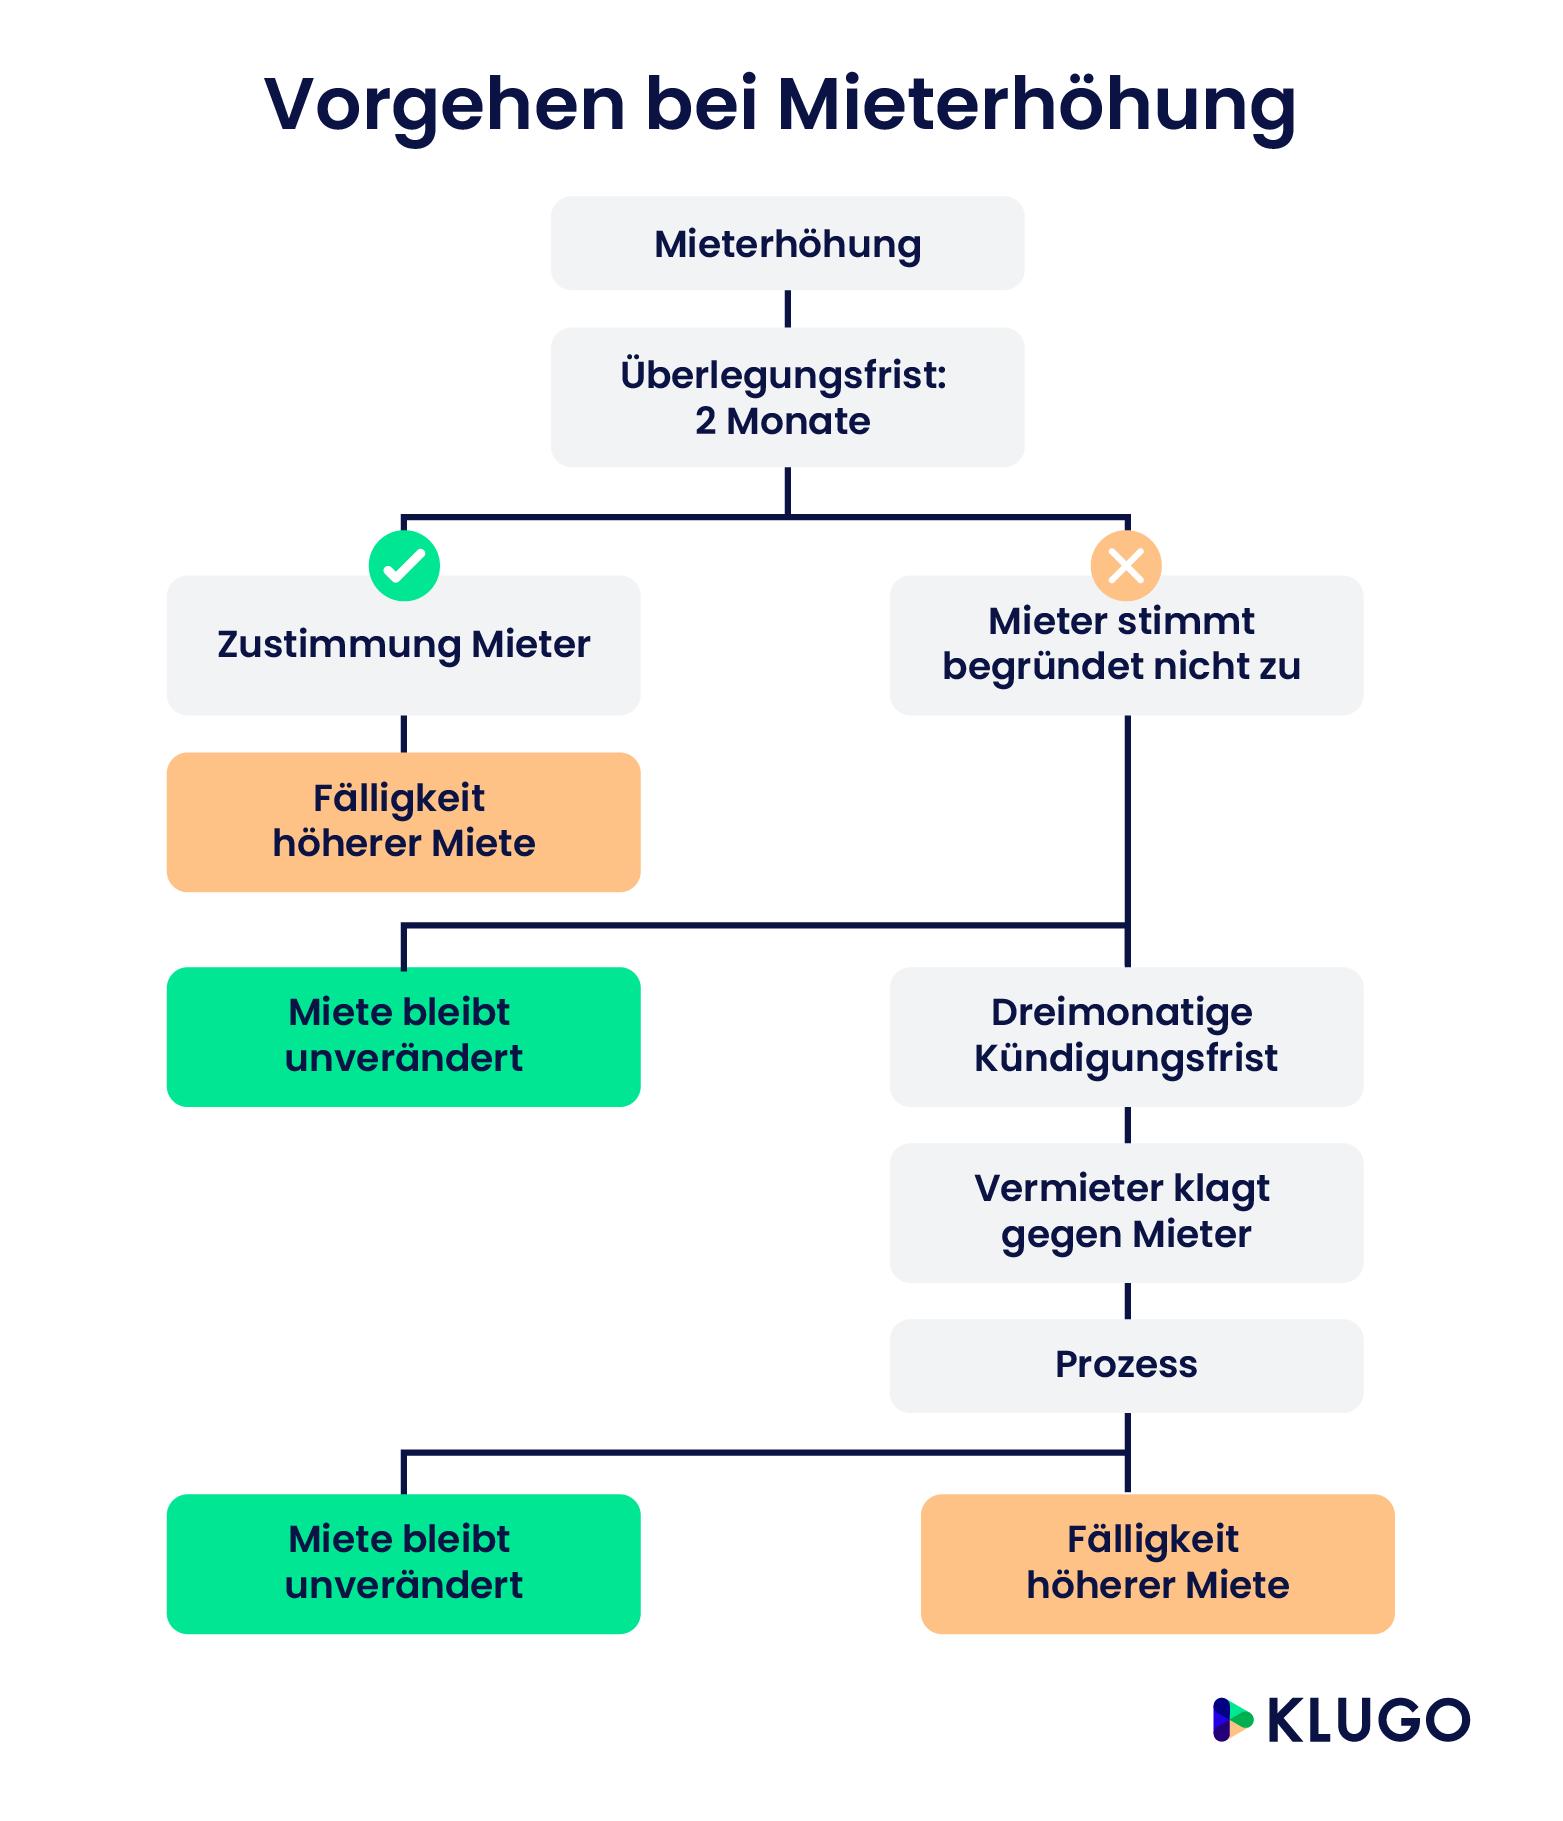 mieterhhung infografik - Mieterhhungsverlangen Muster